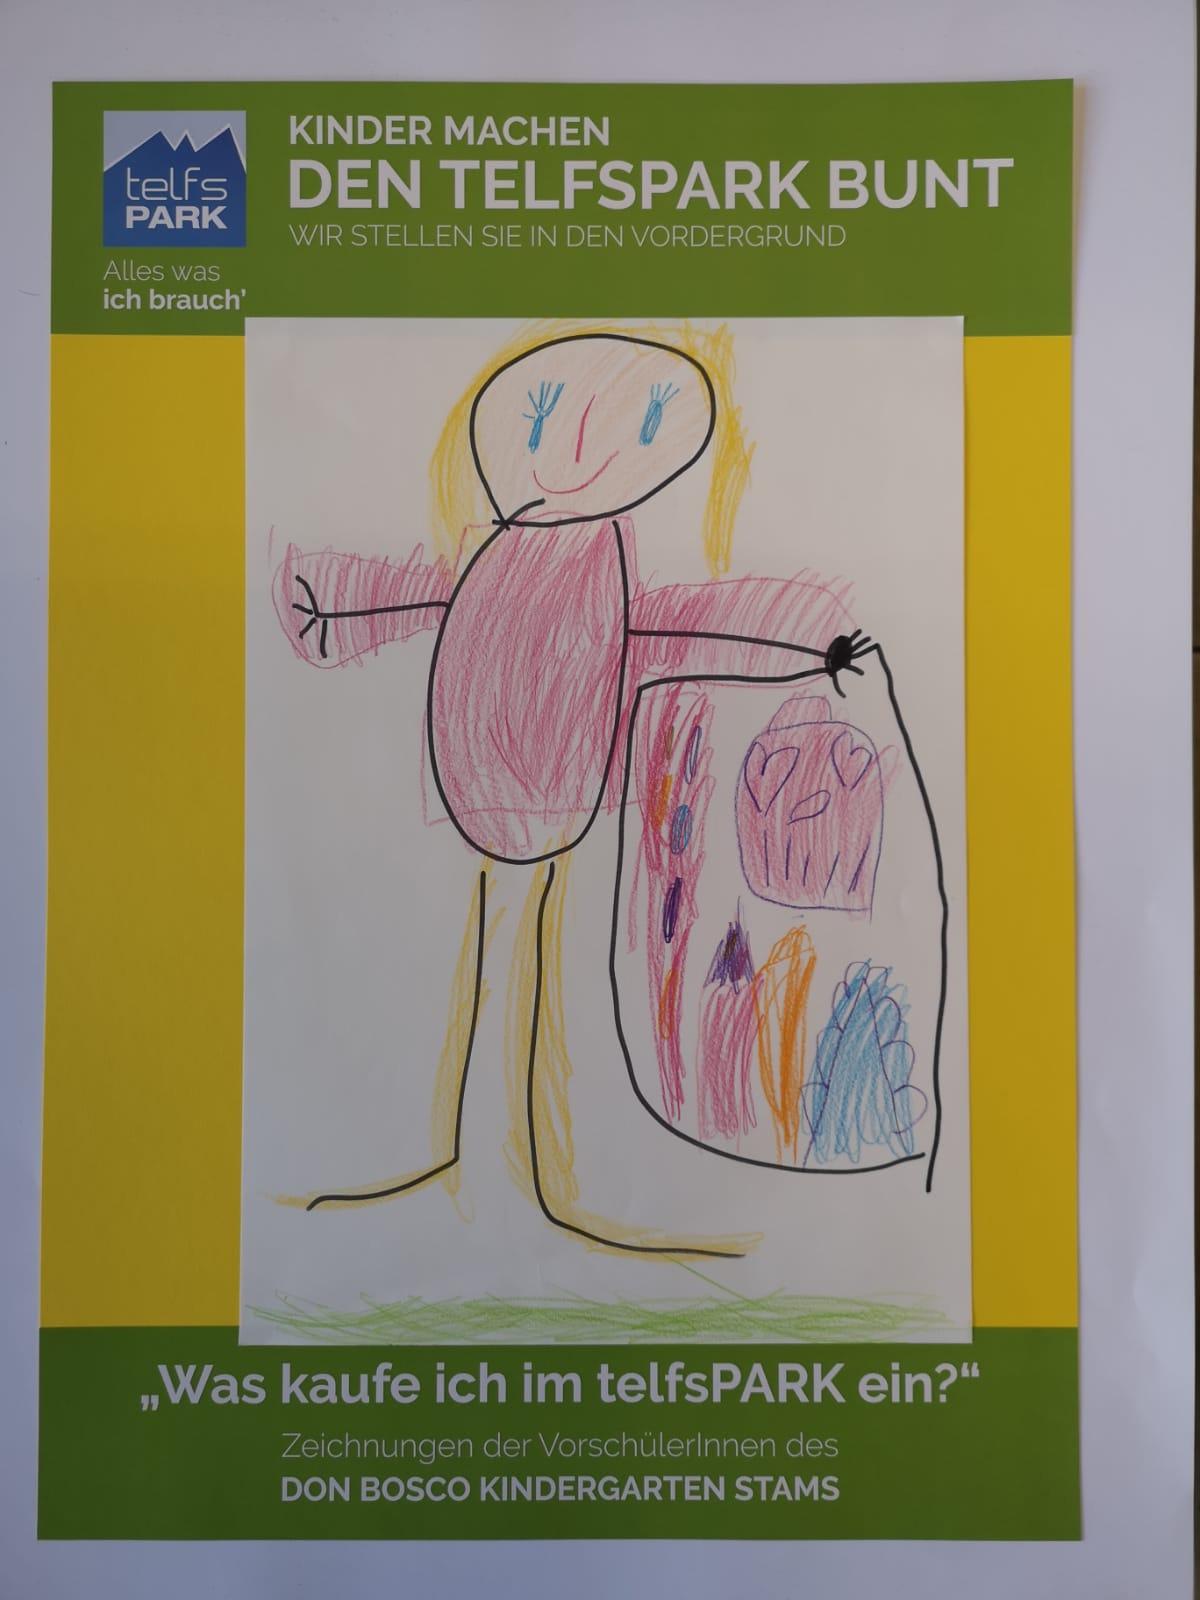 kindergarten-stams-8.jpg